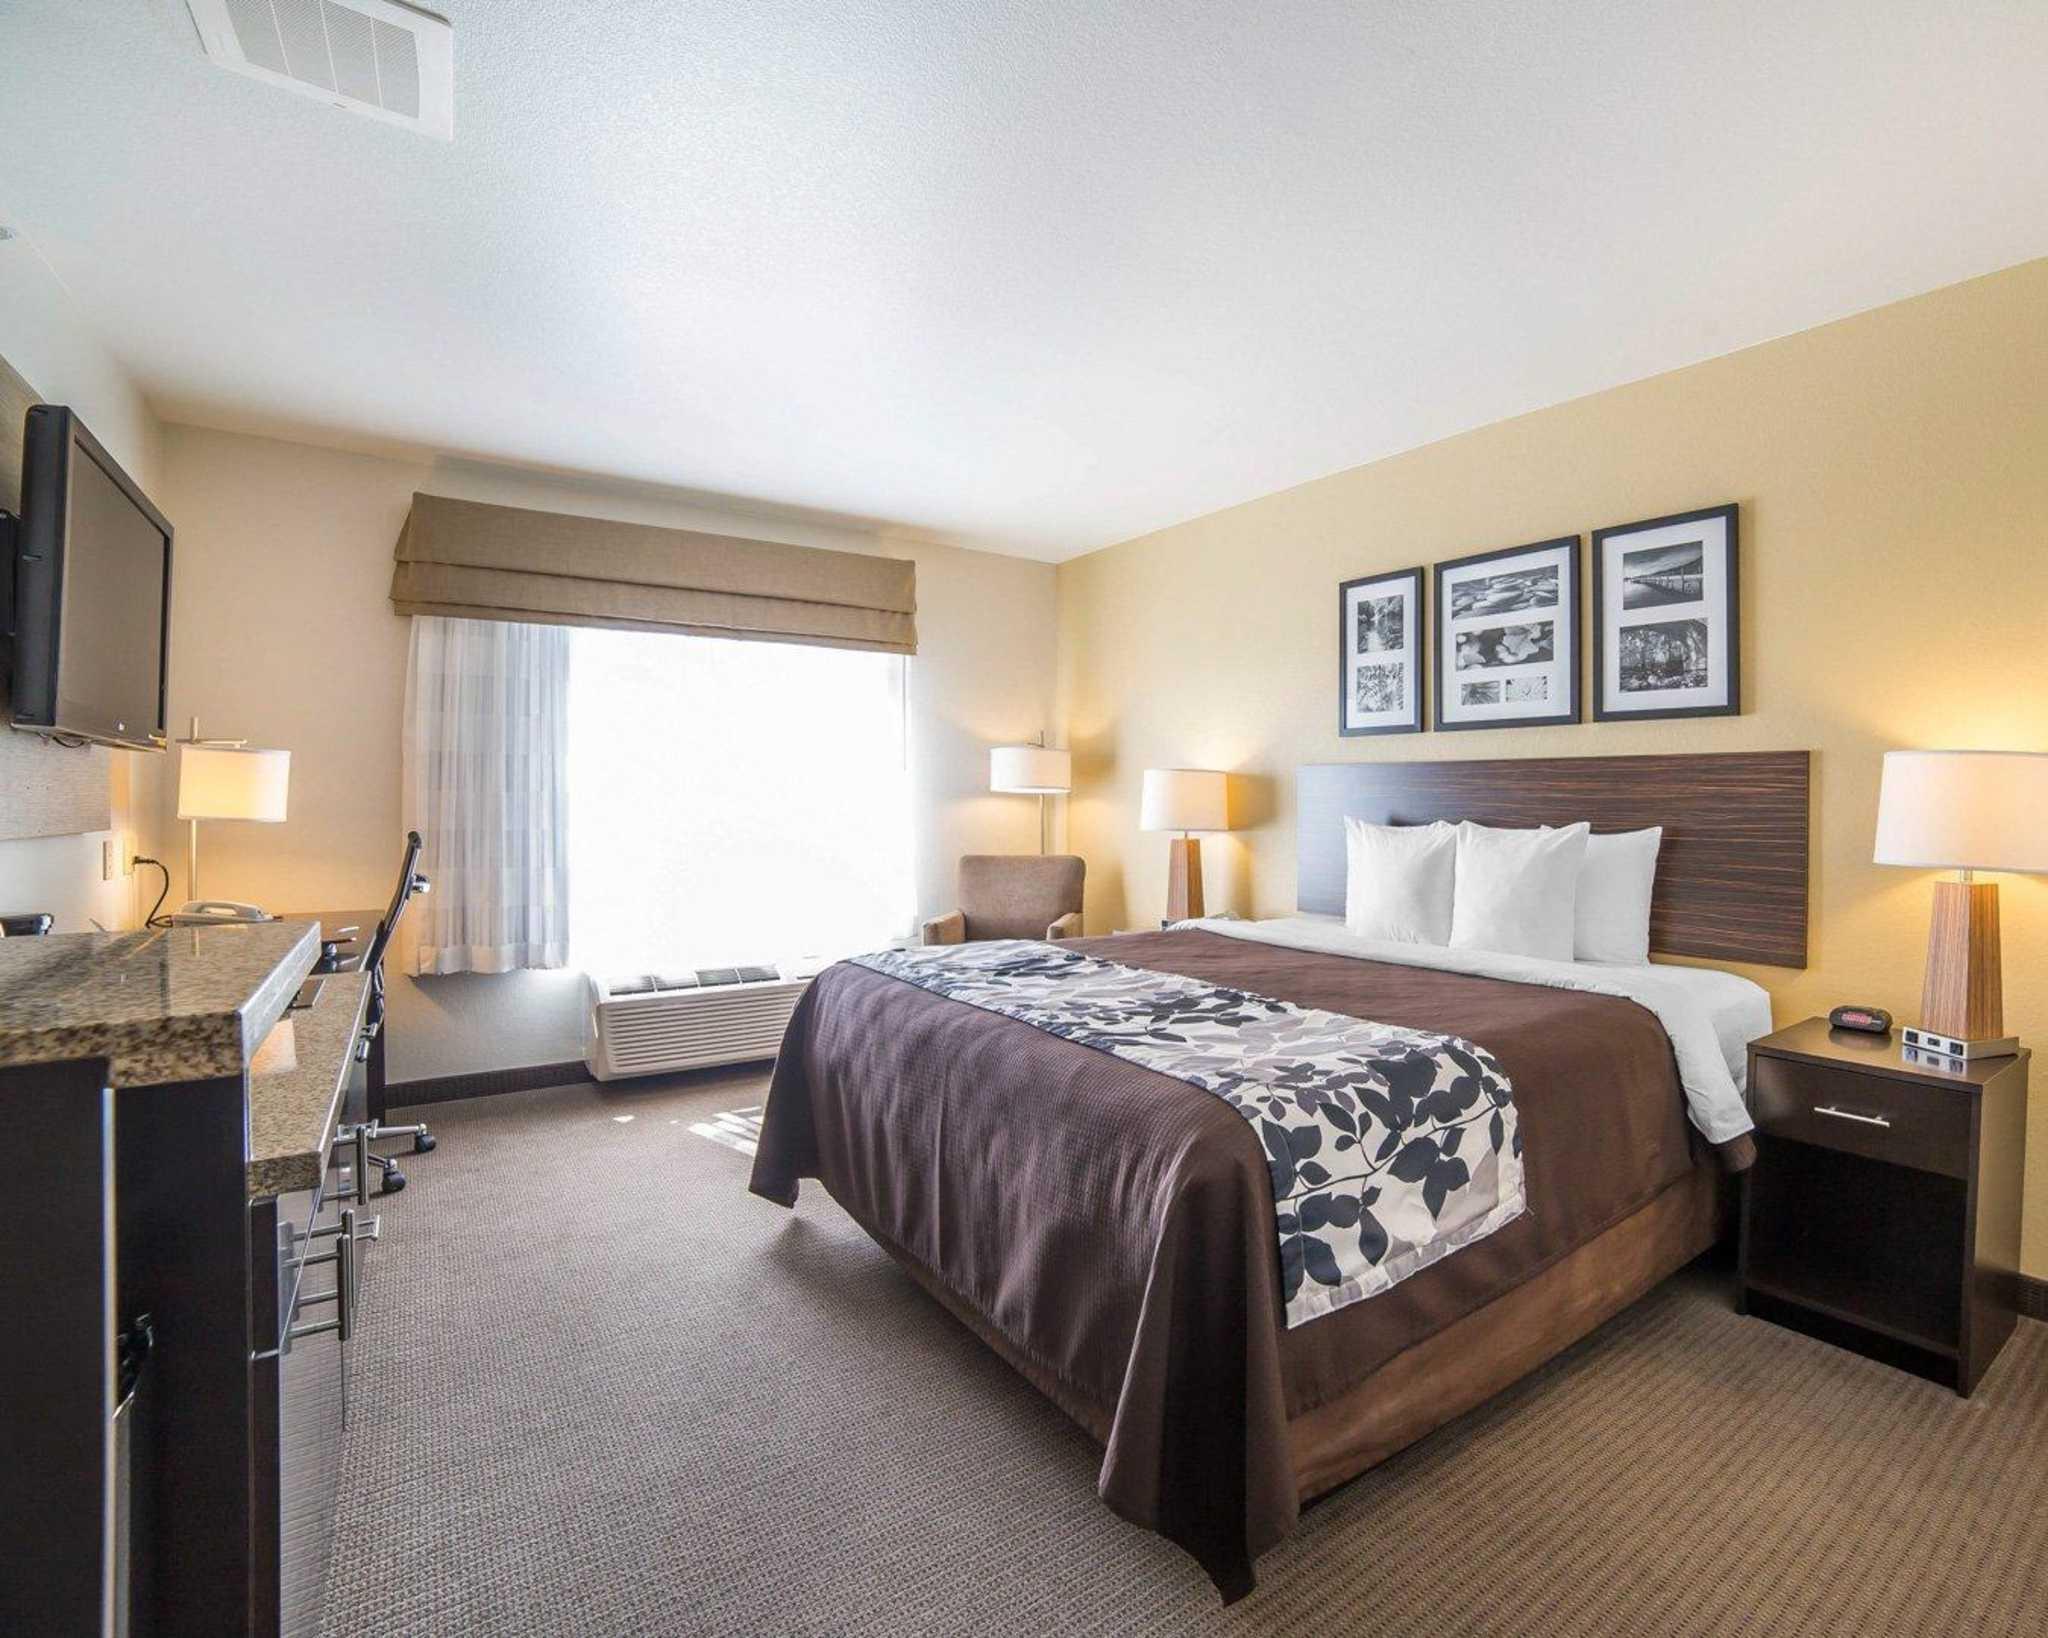 Sleep Inn & Suites image 41